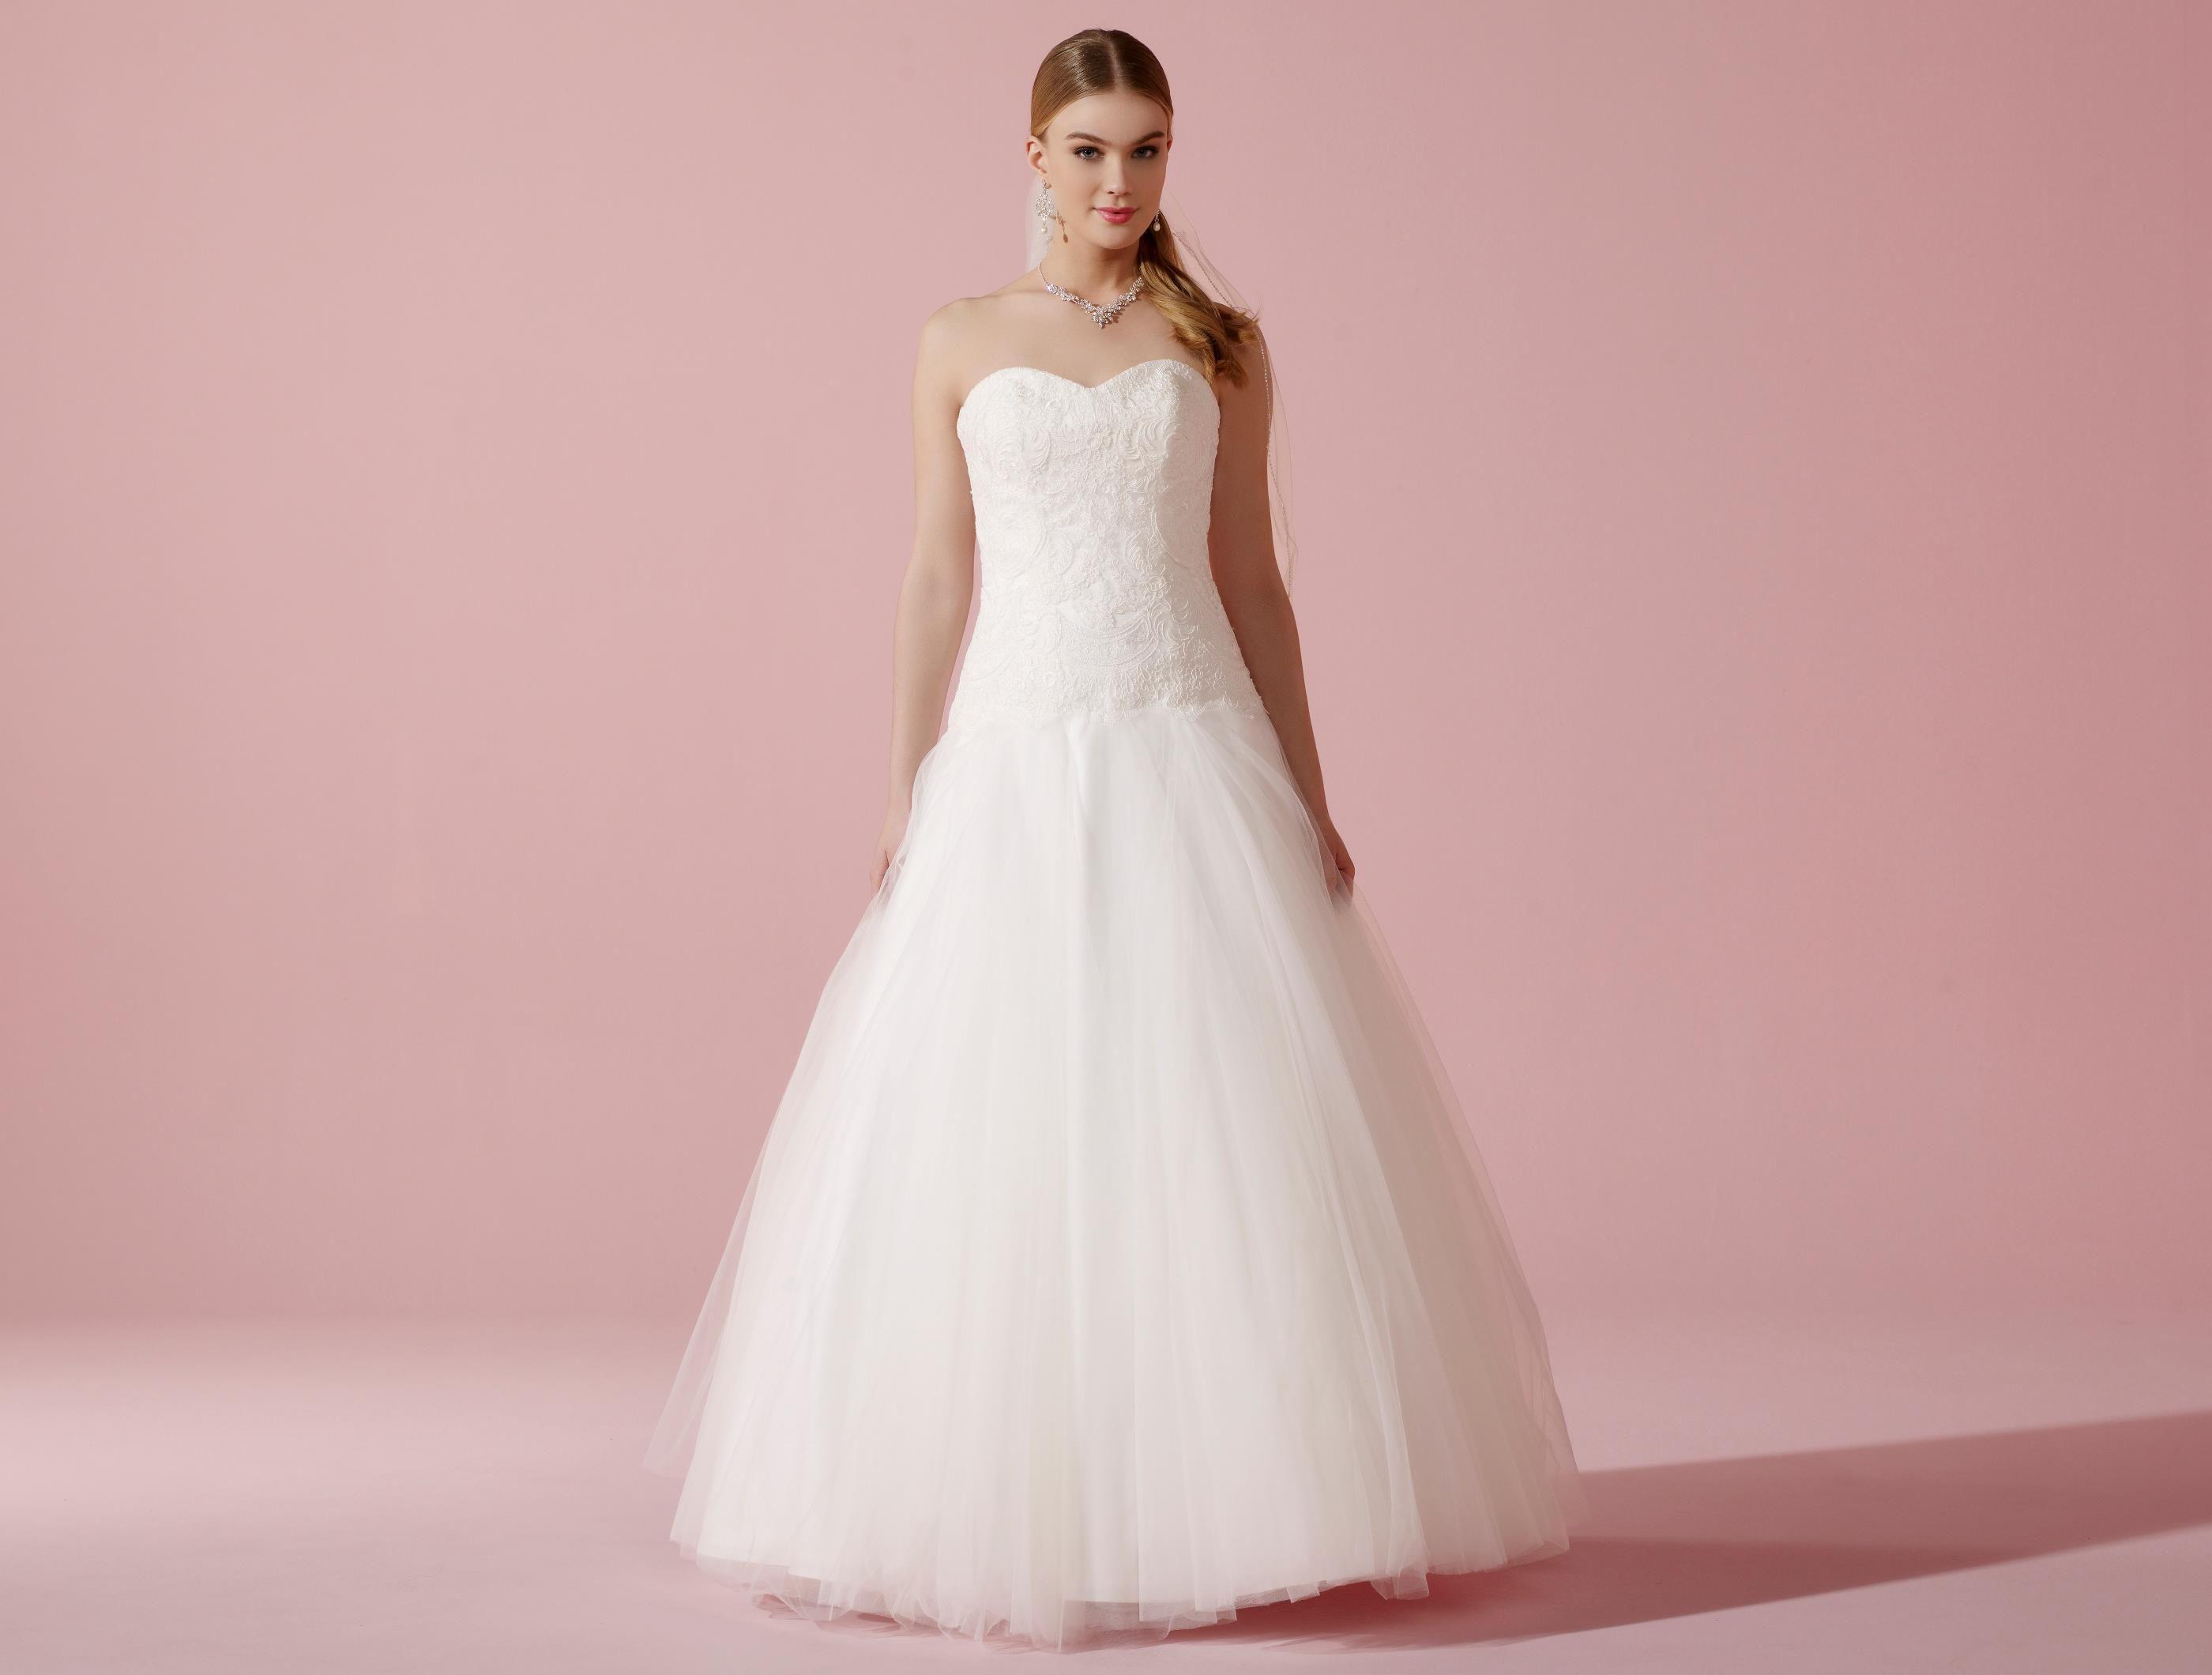 Nett Hochzeitskleid Los Angeles Galerie - Brautkleider Ideen ...